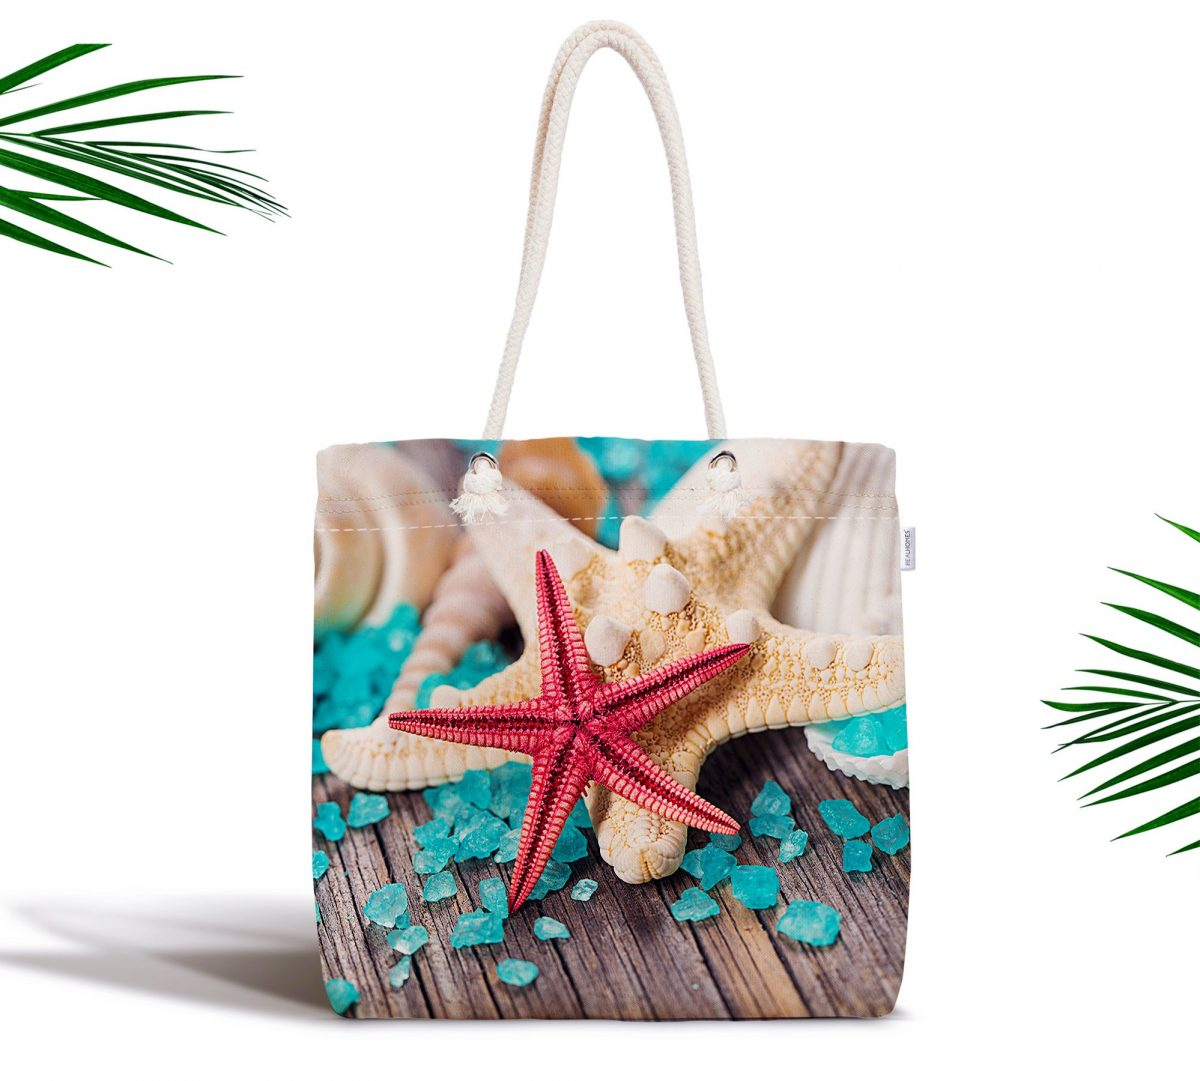 Renkli Deniz Yıldızları Özel Tasarımlı Fermuarlı Kumaş Çanta Realhomes